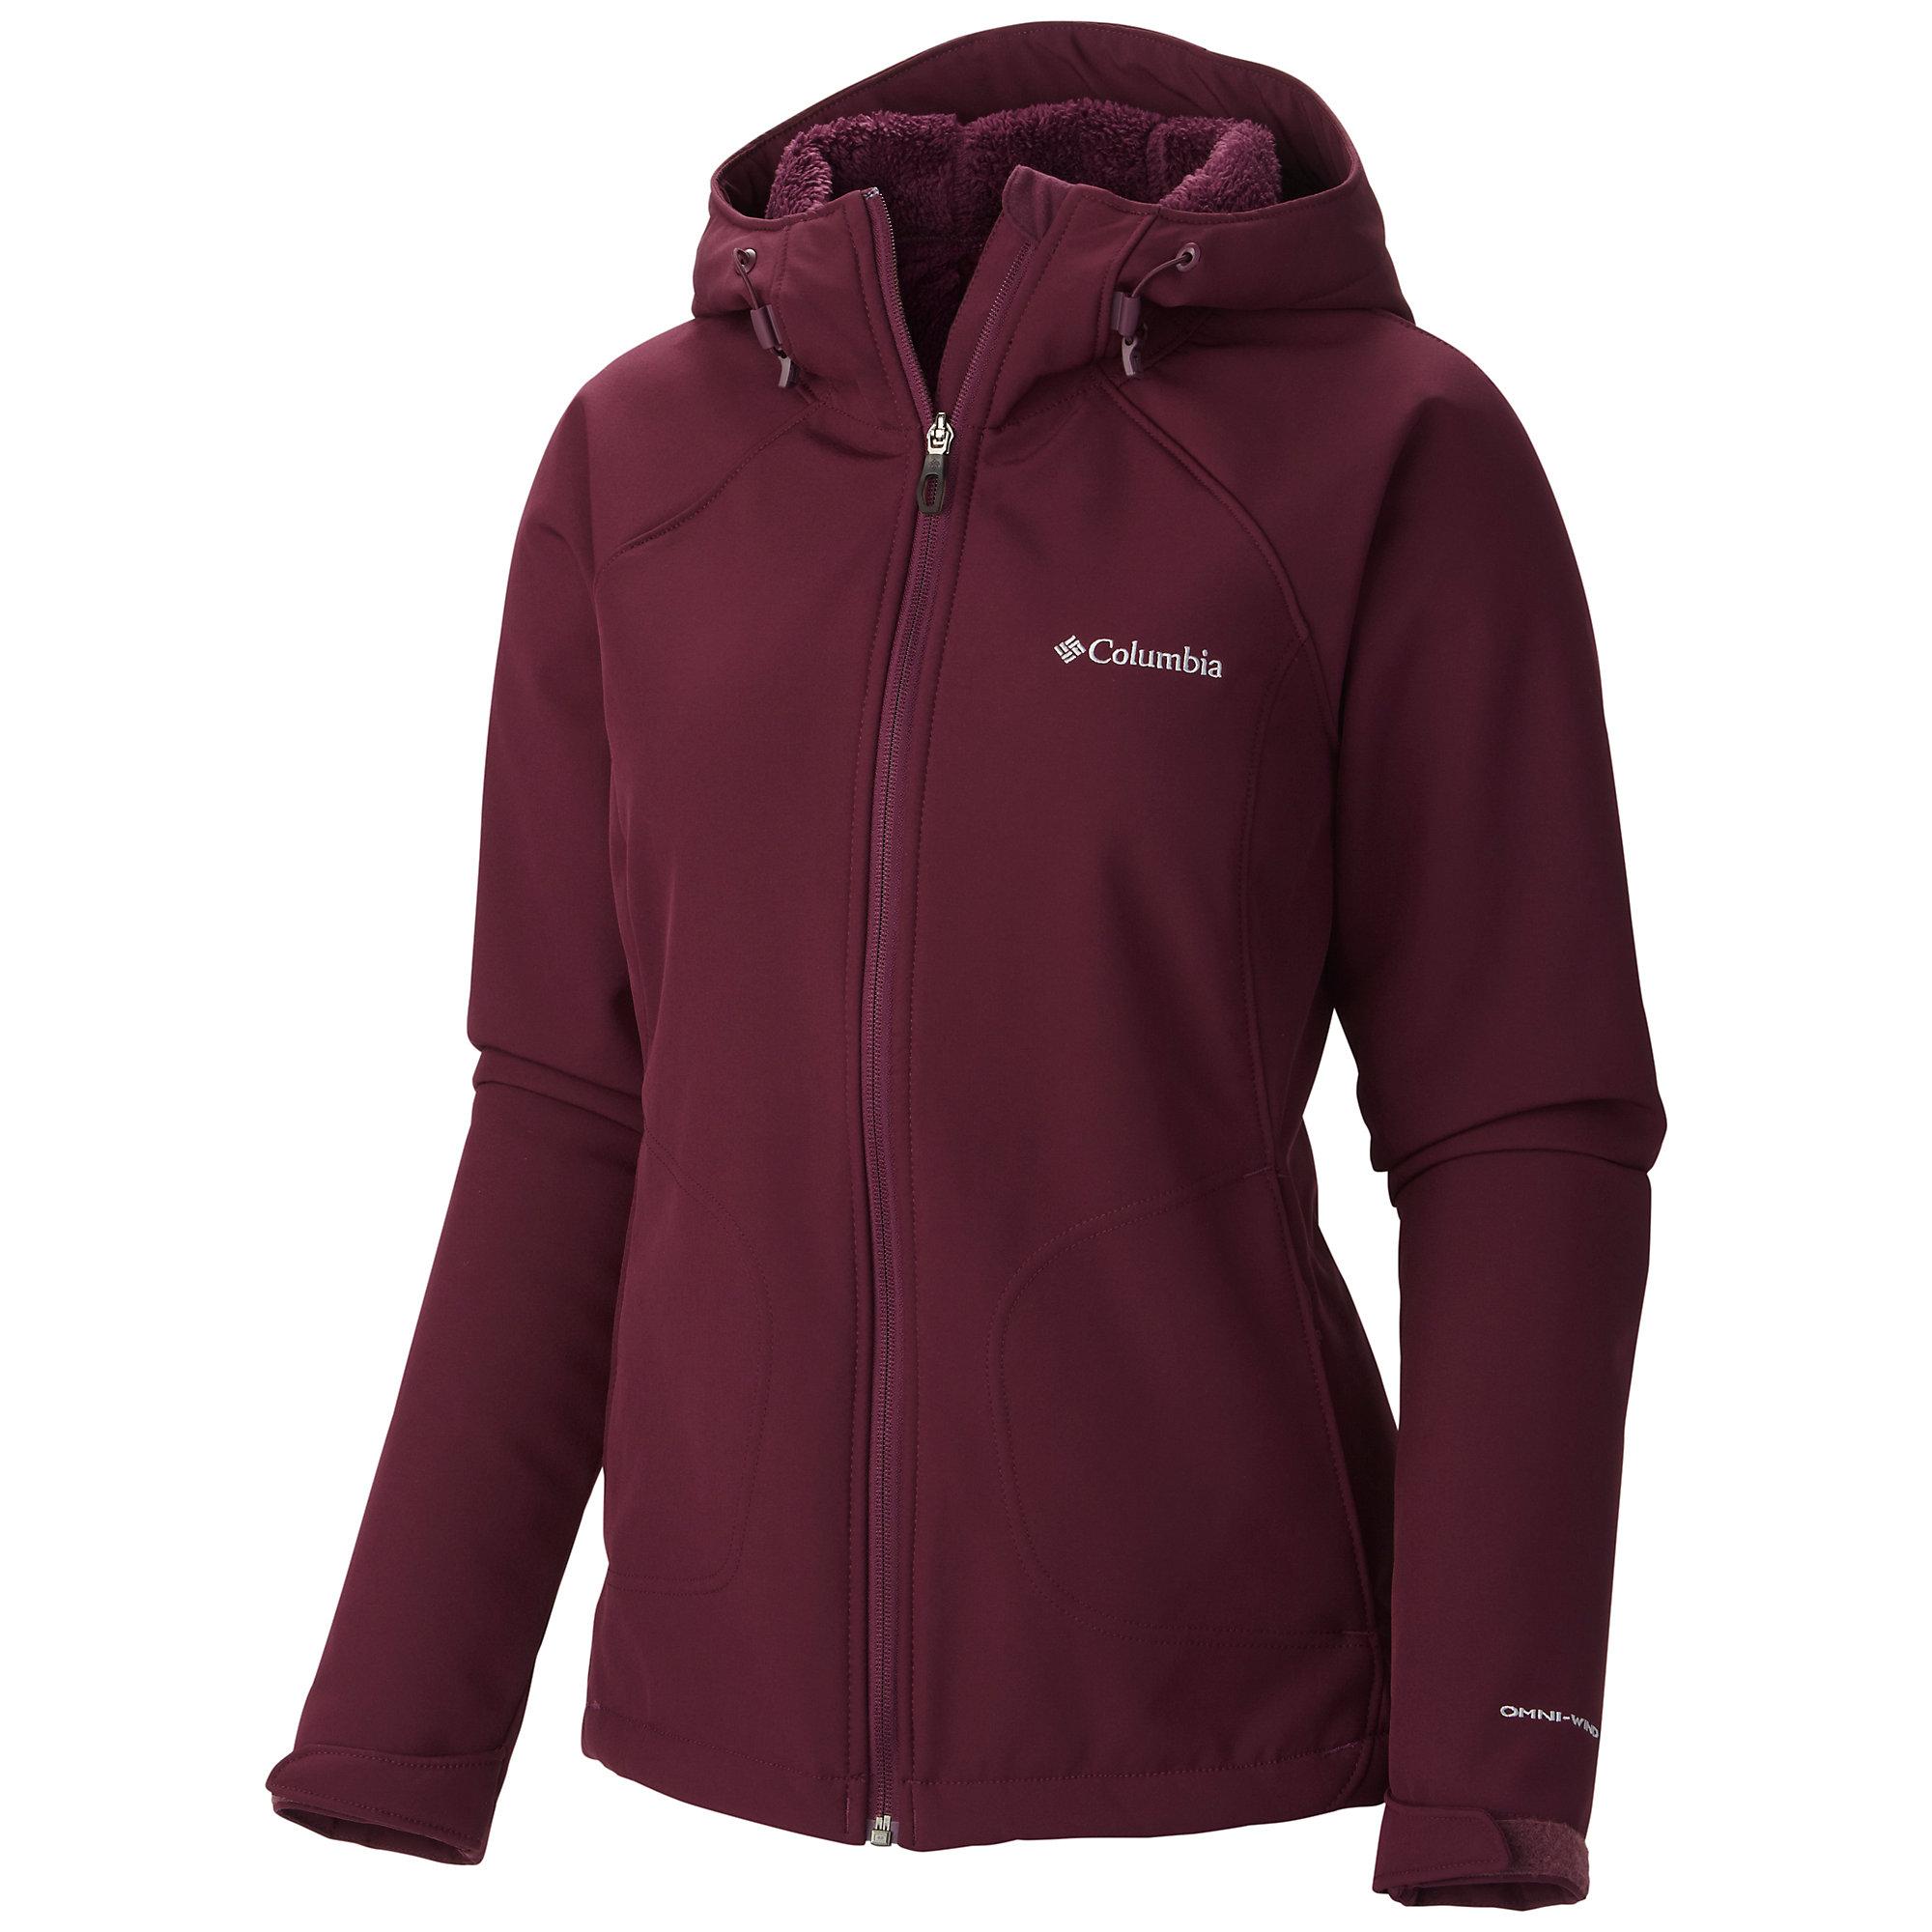 Columbia Phurtec II Softshell Jacket